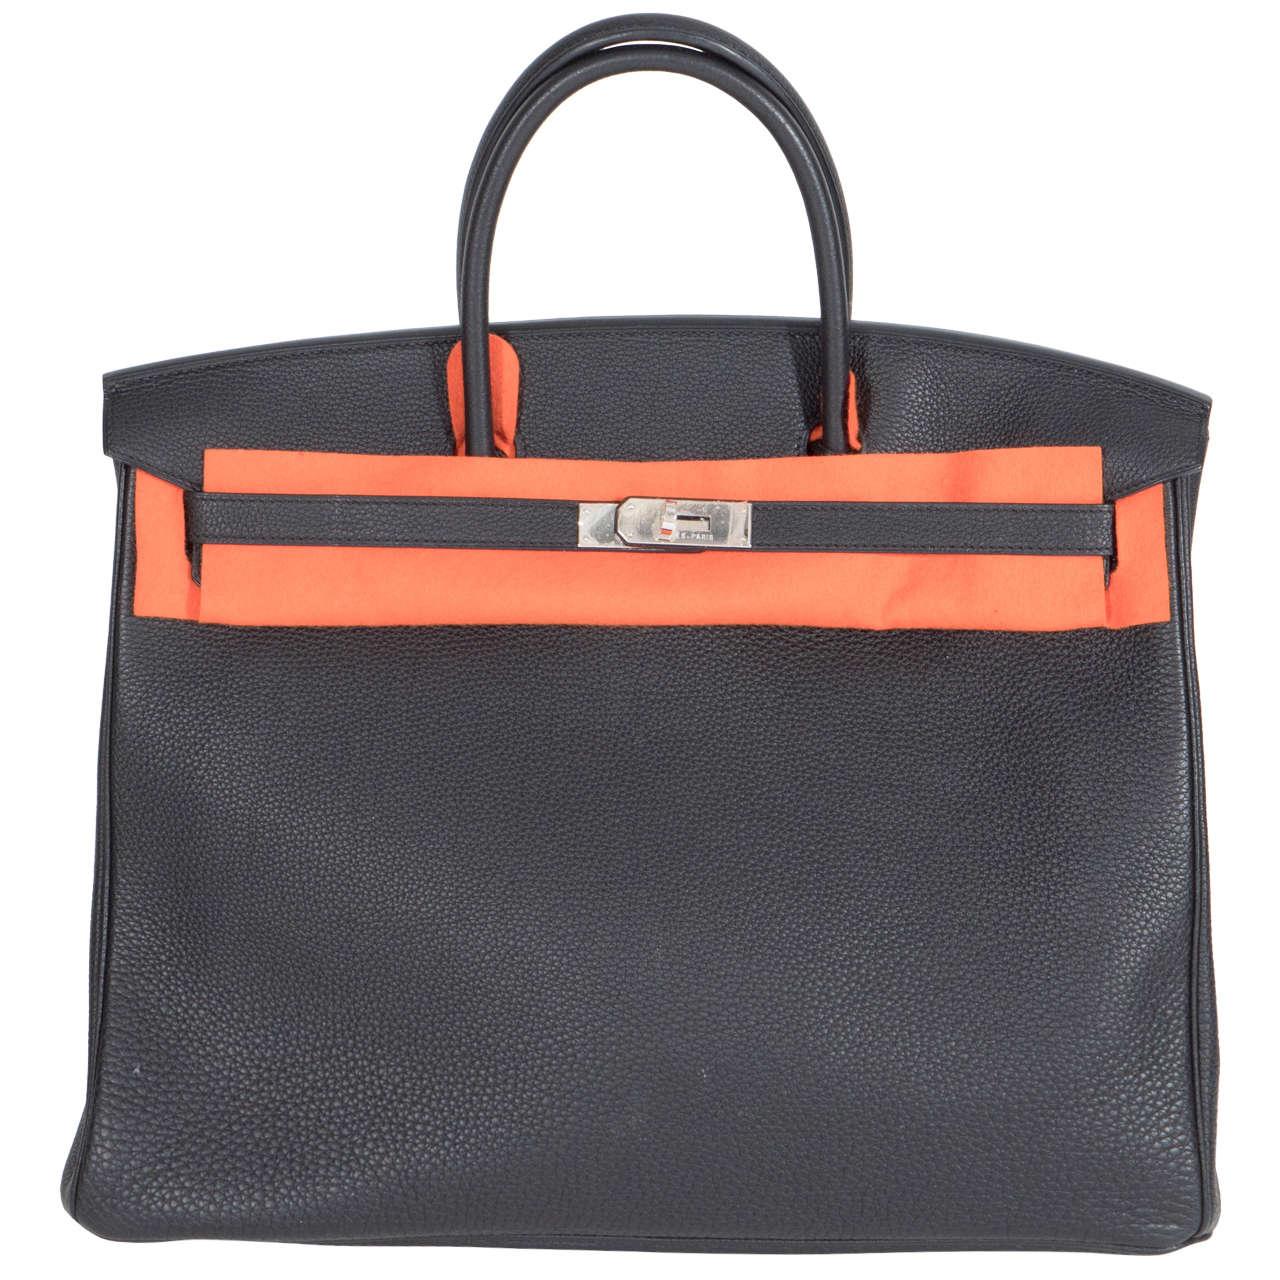 Hermès Paris Birkin Bag 40 in Togo Leather with Palladium Hardware, 2008 1